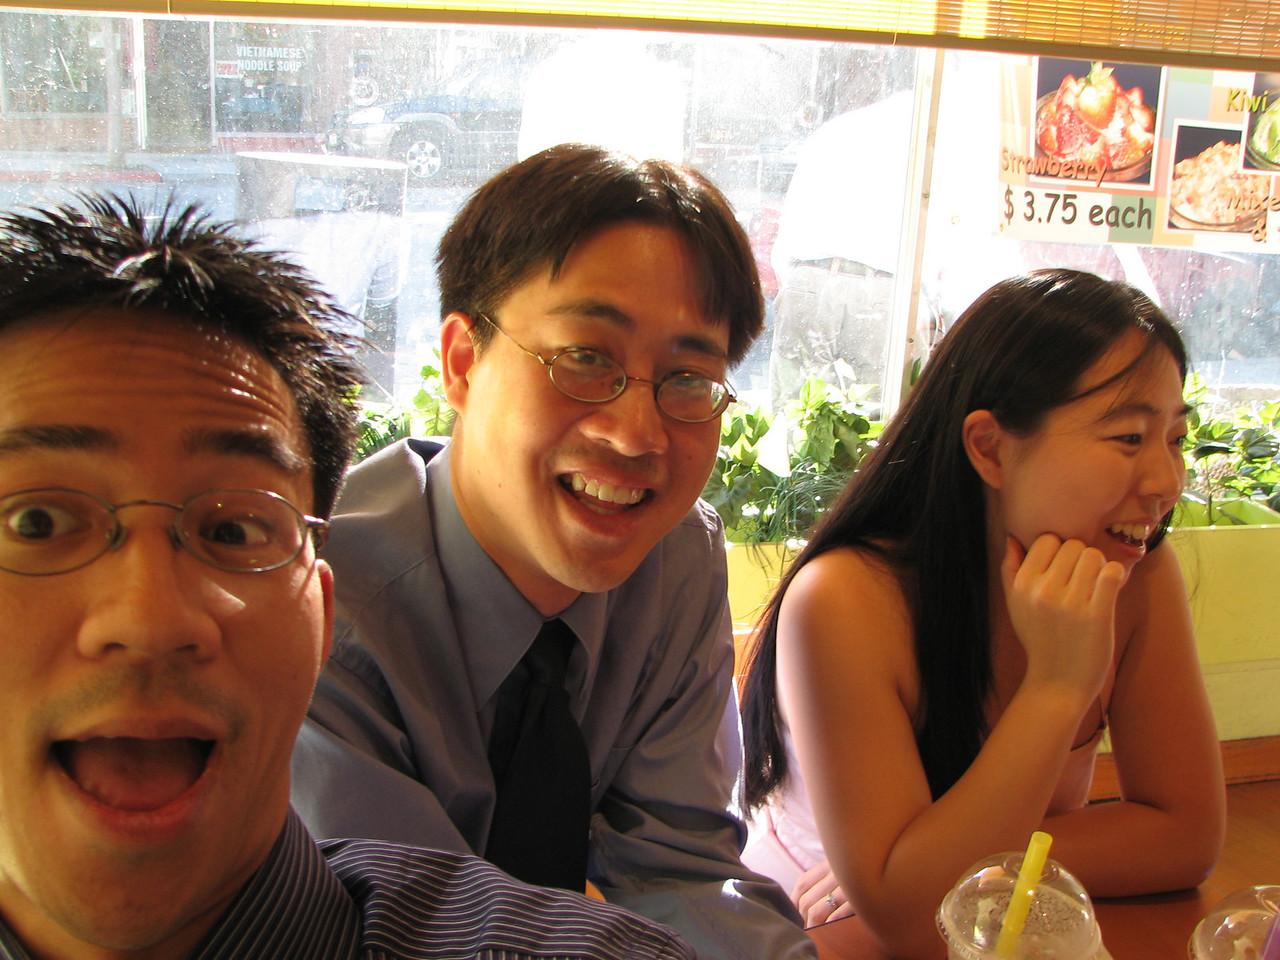 2006 10 08 Sun - In between boba @ Café Verde again - Ben Yu, Stephen Chang, & Cynthia Cheung